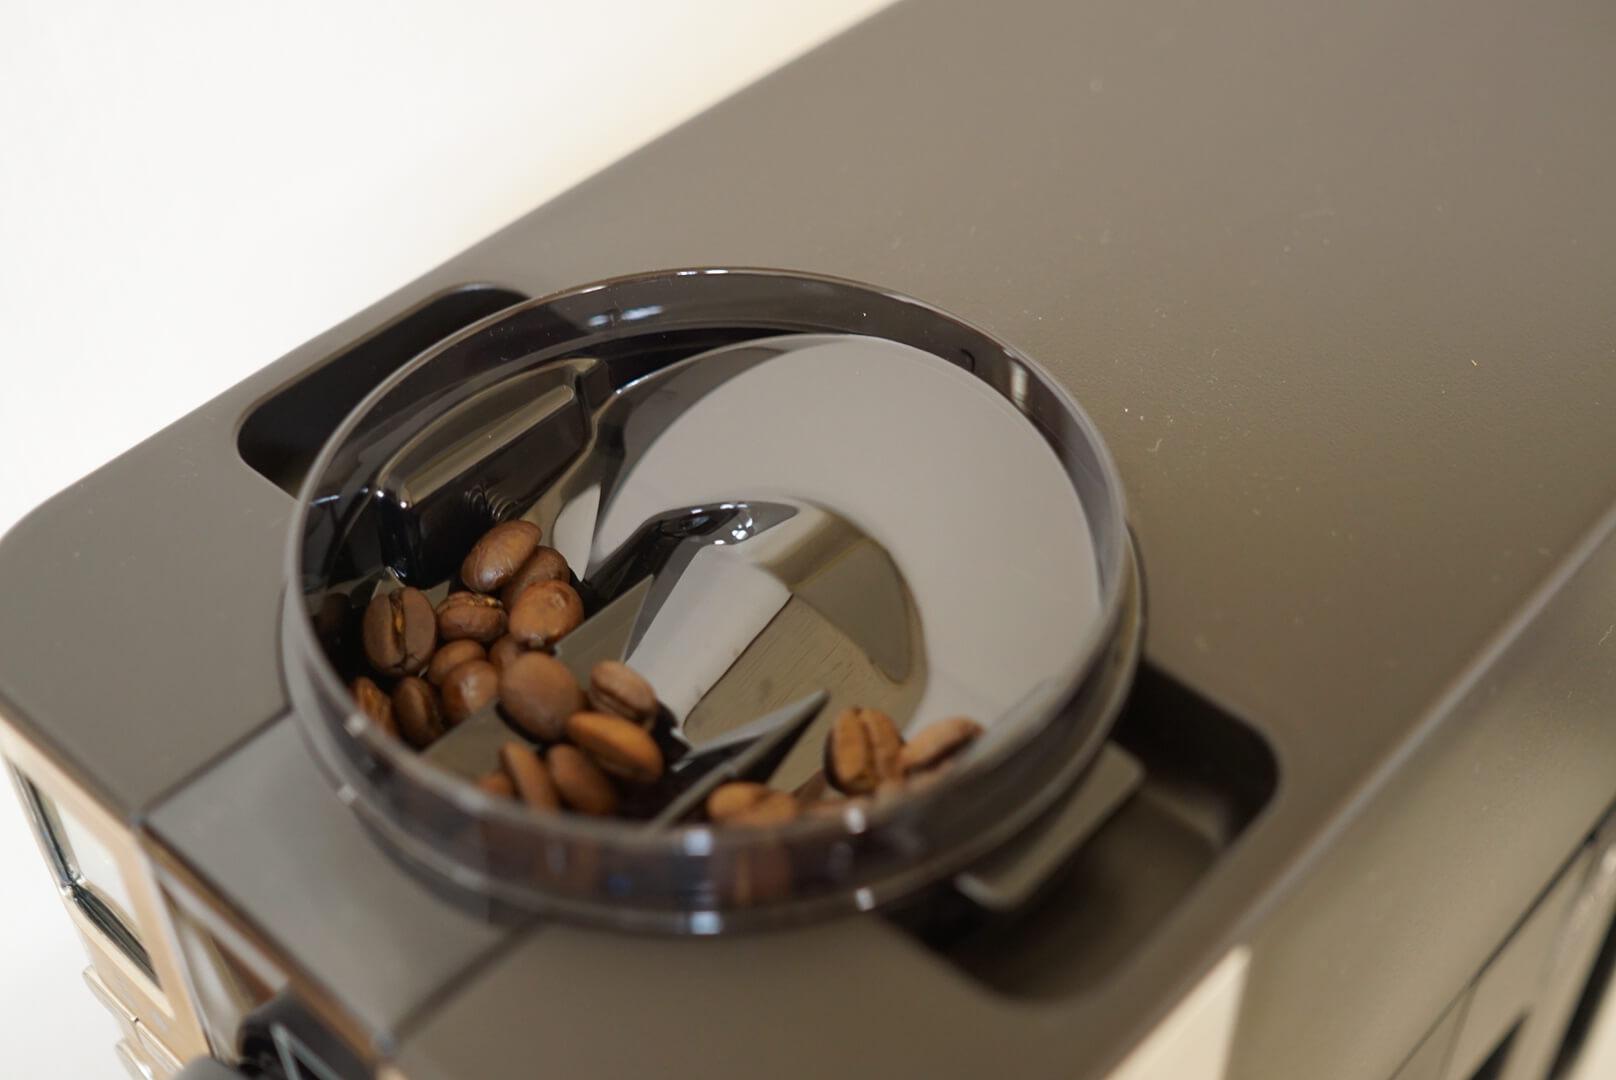 無印のコーヒーメーカーで残ったコーヒー豆